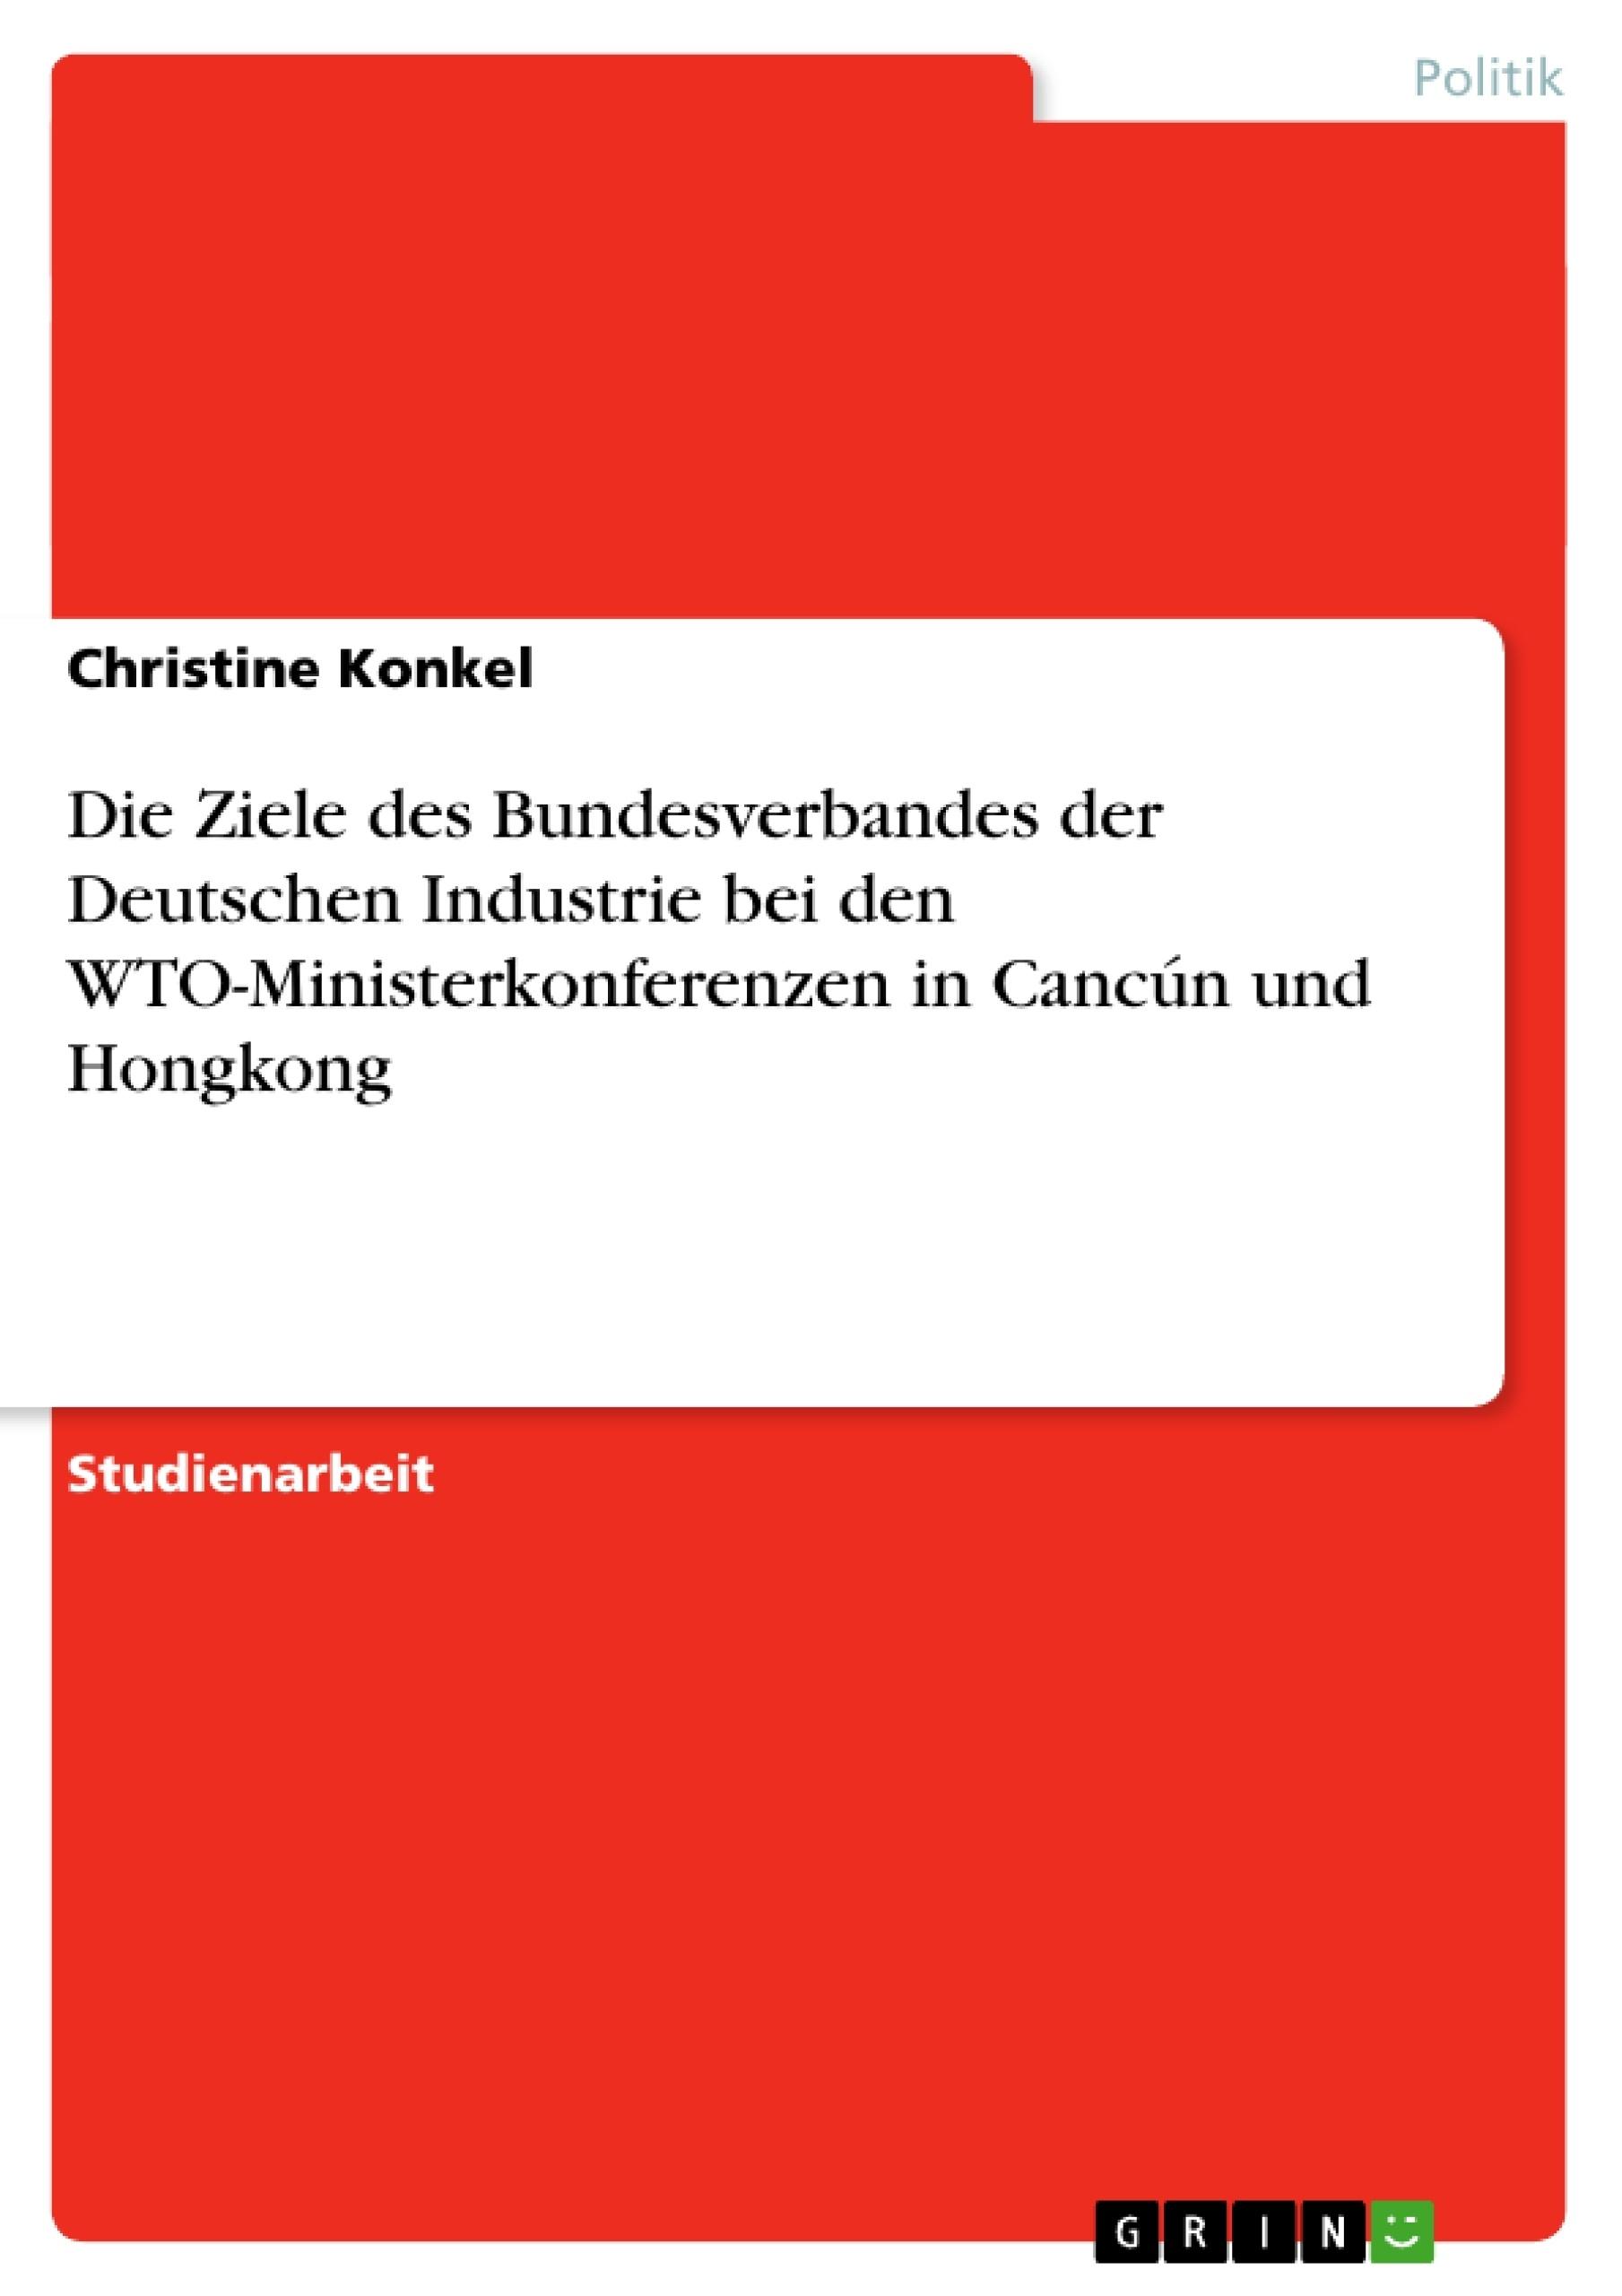 Titel: Die Ziele des Bundesverbandes der Deutschen Industrie bei den WTO-Ministerkonferenzen in Cancún und Hongkong